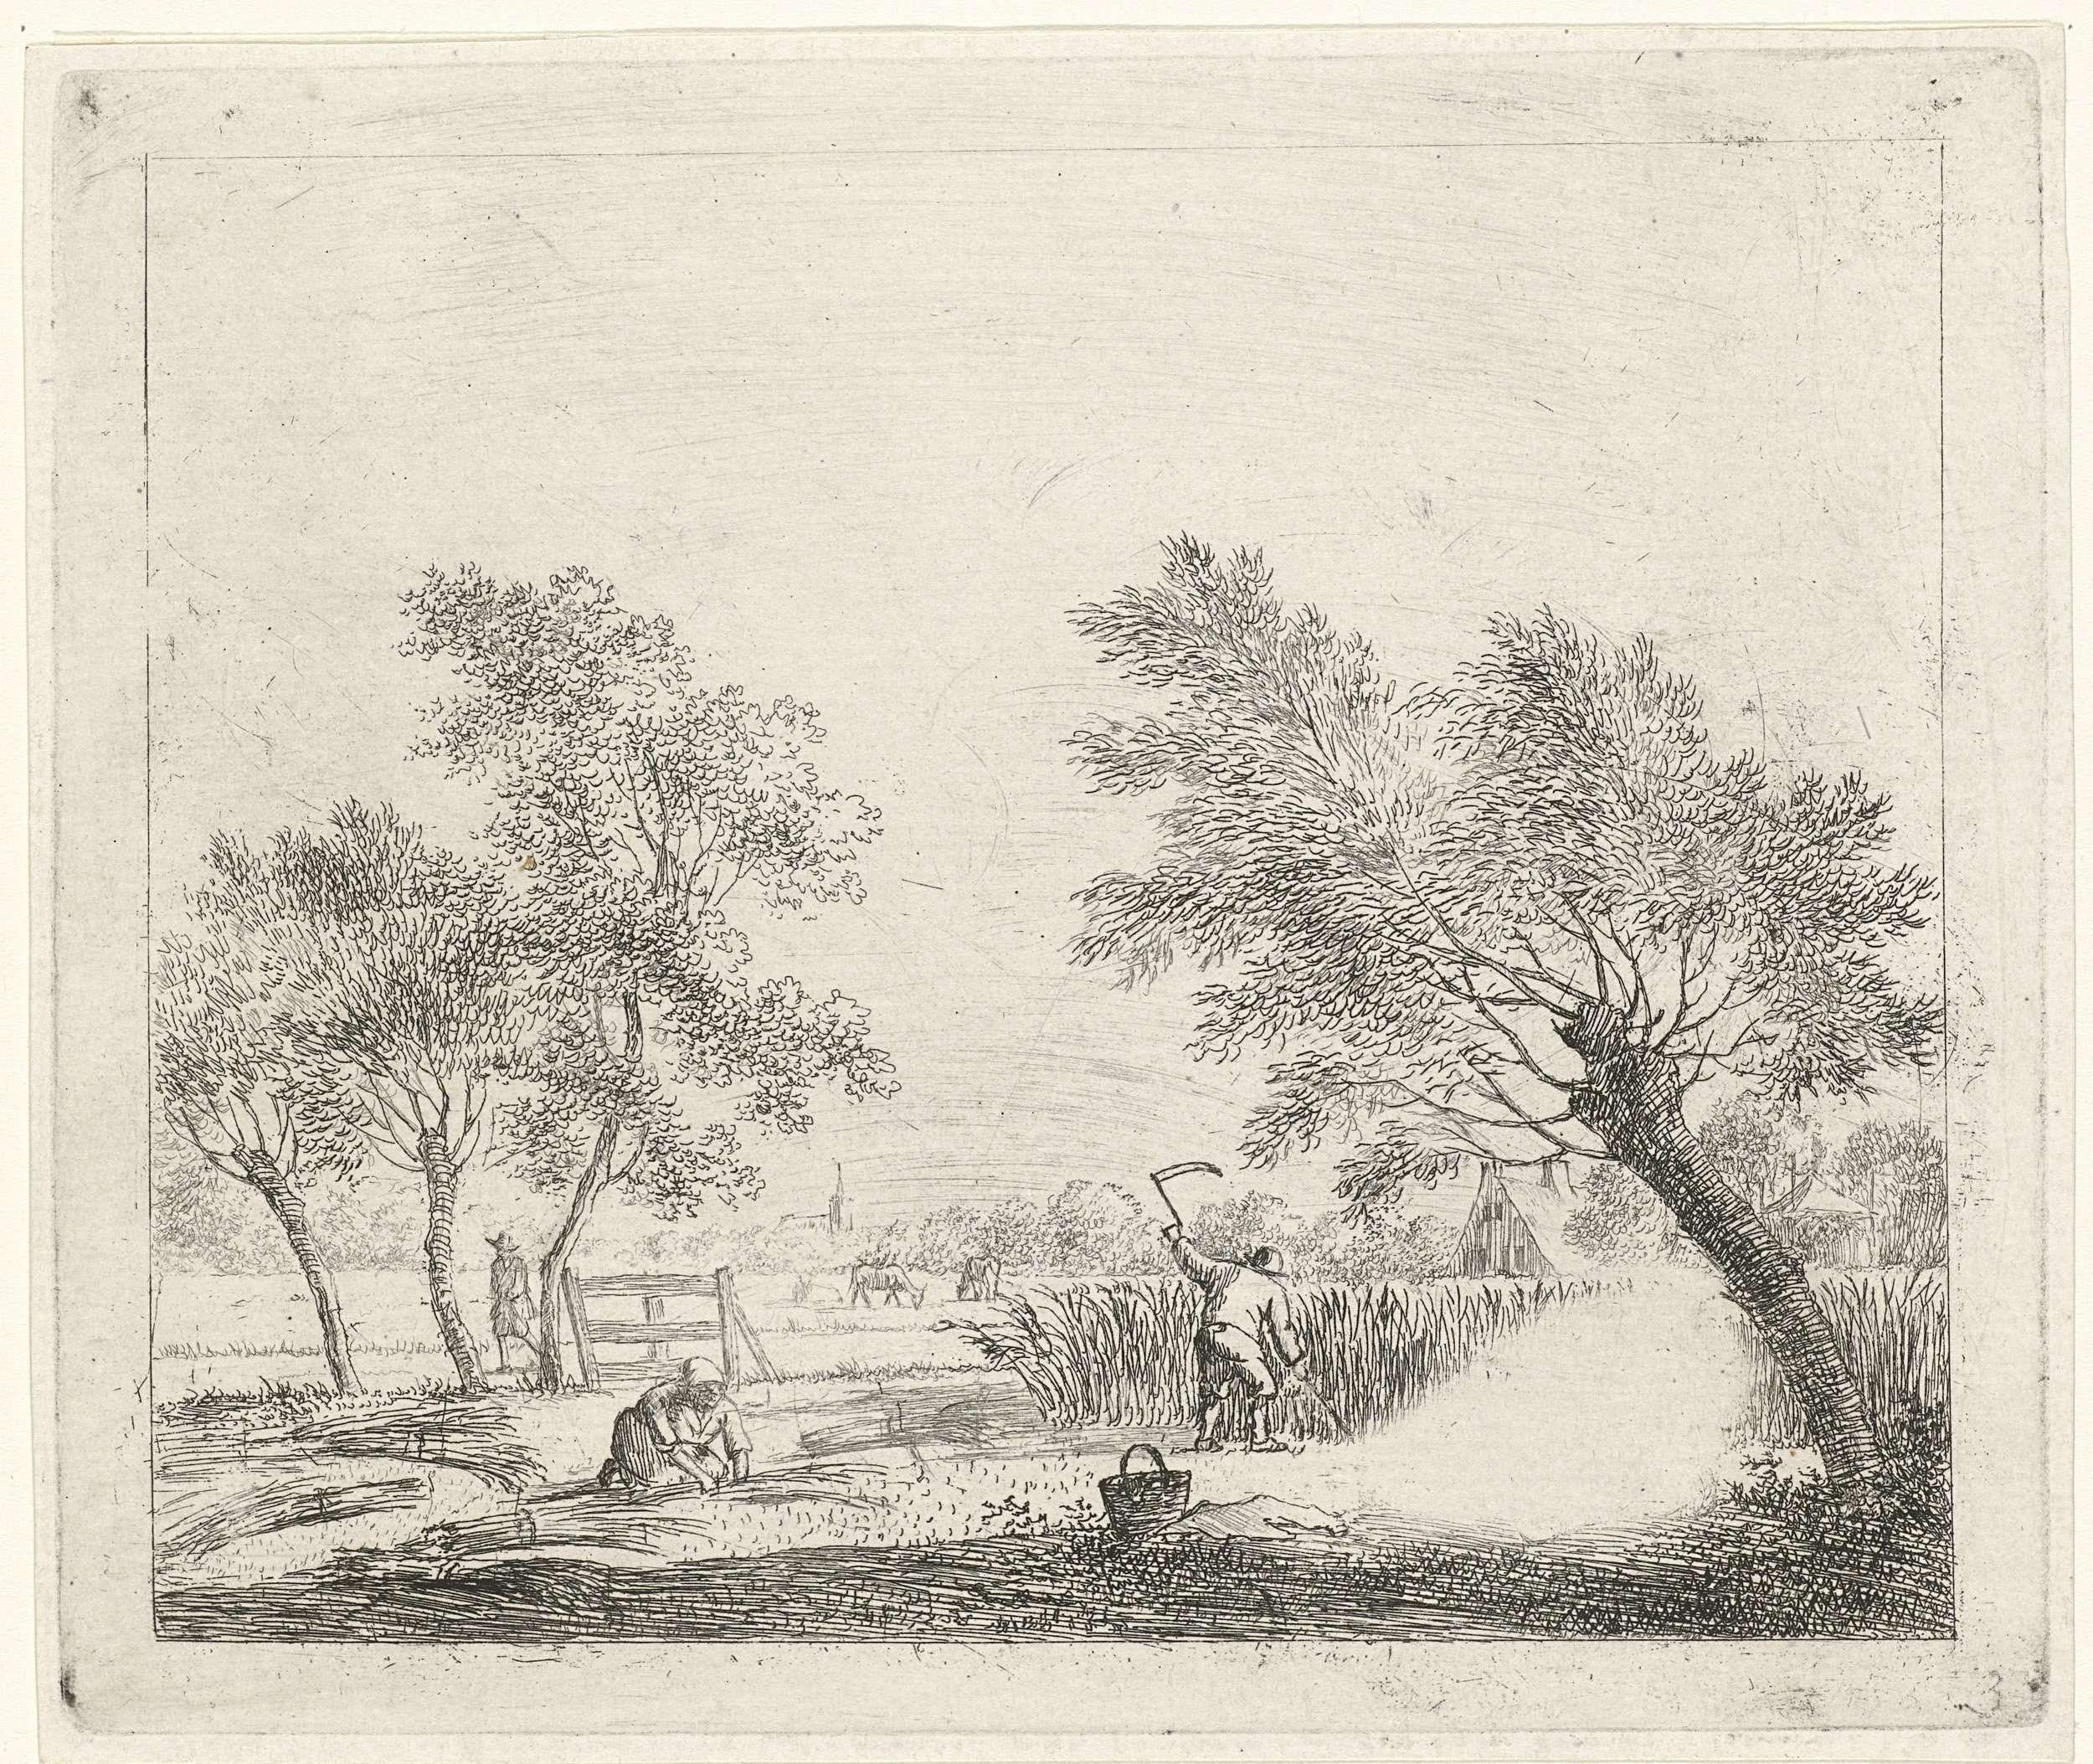 Johannes Janson | Landschap met korenoogst, Johannes Janson, 1783 | Landschap met boerin die koren bijeen bindt en een boer die koren oogst. Links op de achtergrond een wandelende man. Twee figuren onder de boom rechts zijn uitgeslepen. Vóór de lucht. Negende prent uit een serie van dertien met maanden.